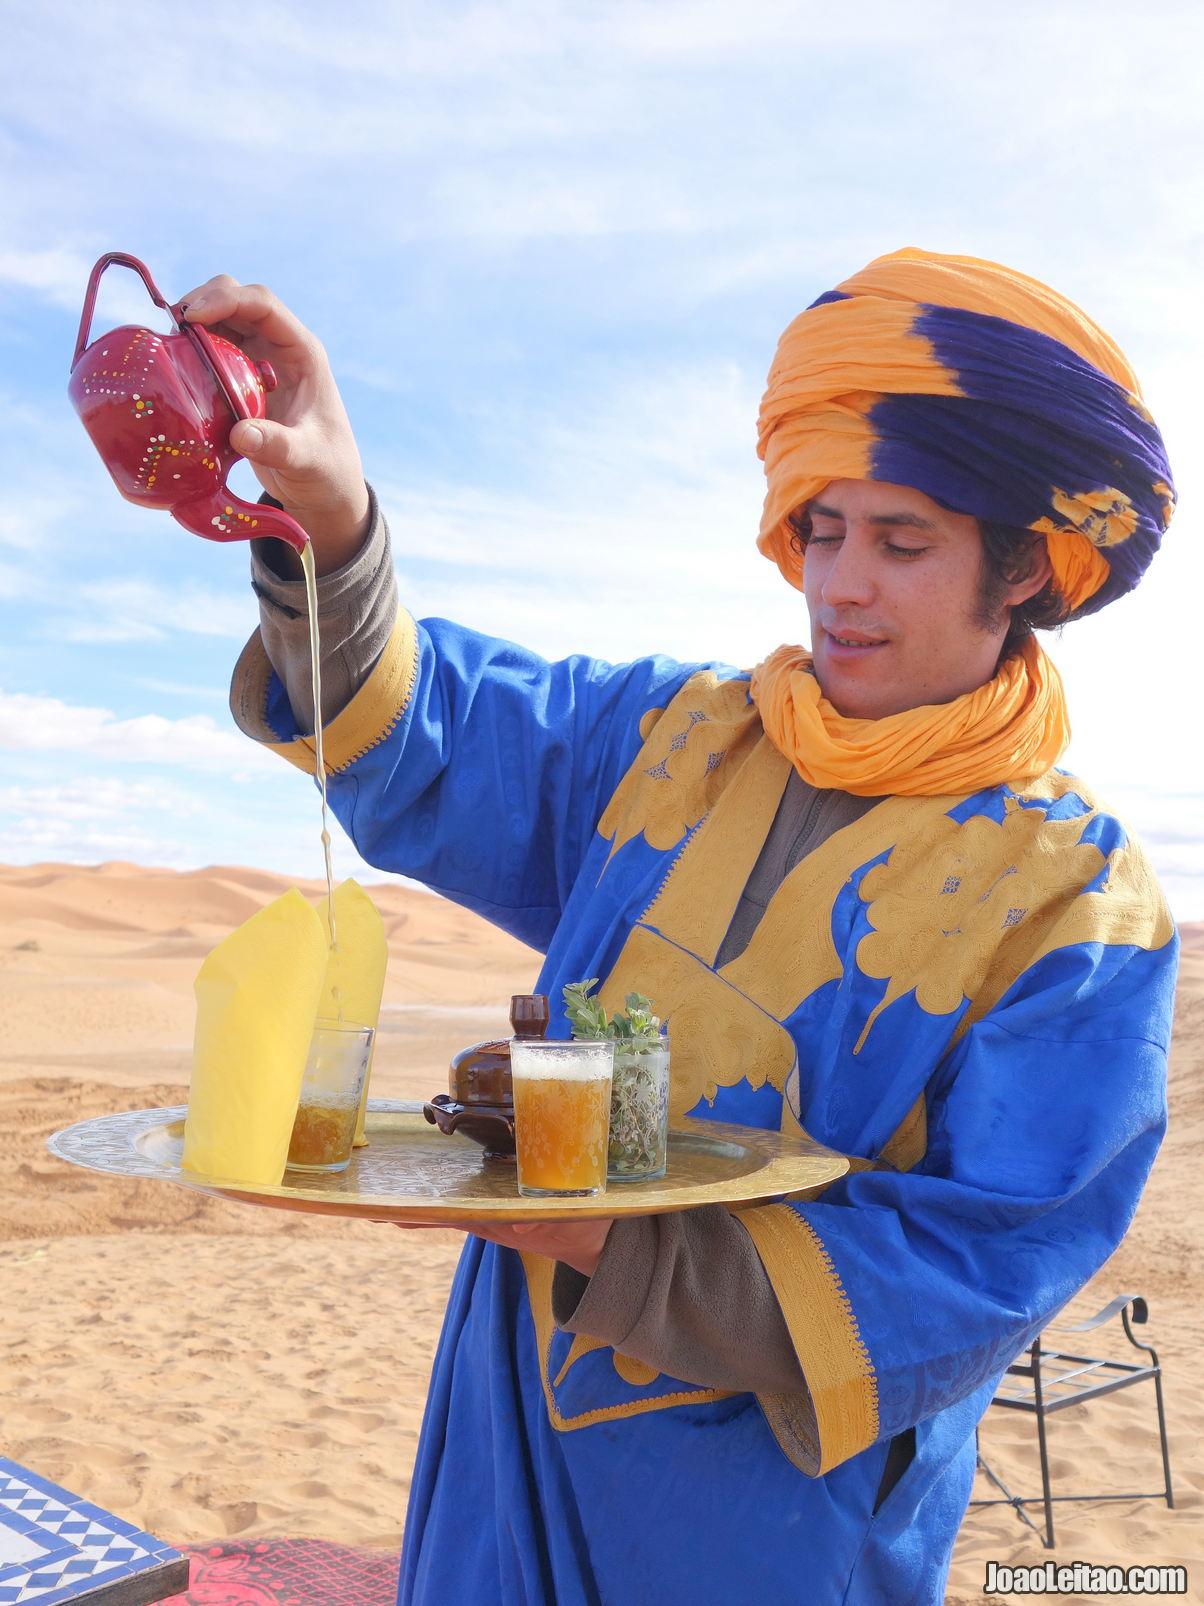 Marrocos • Guia de Viagem • O que Visitar em Marrocos 4